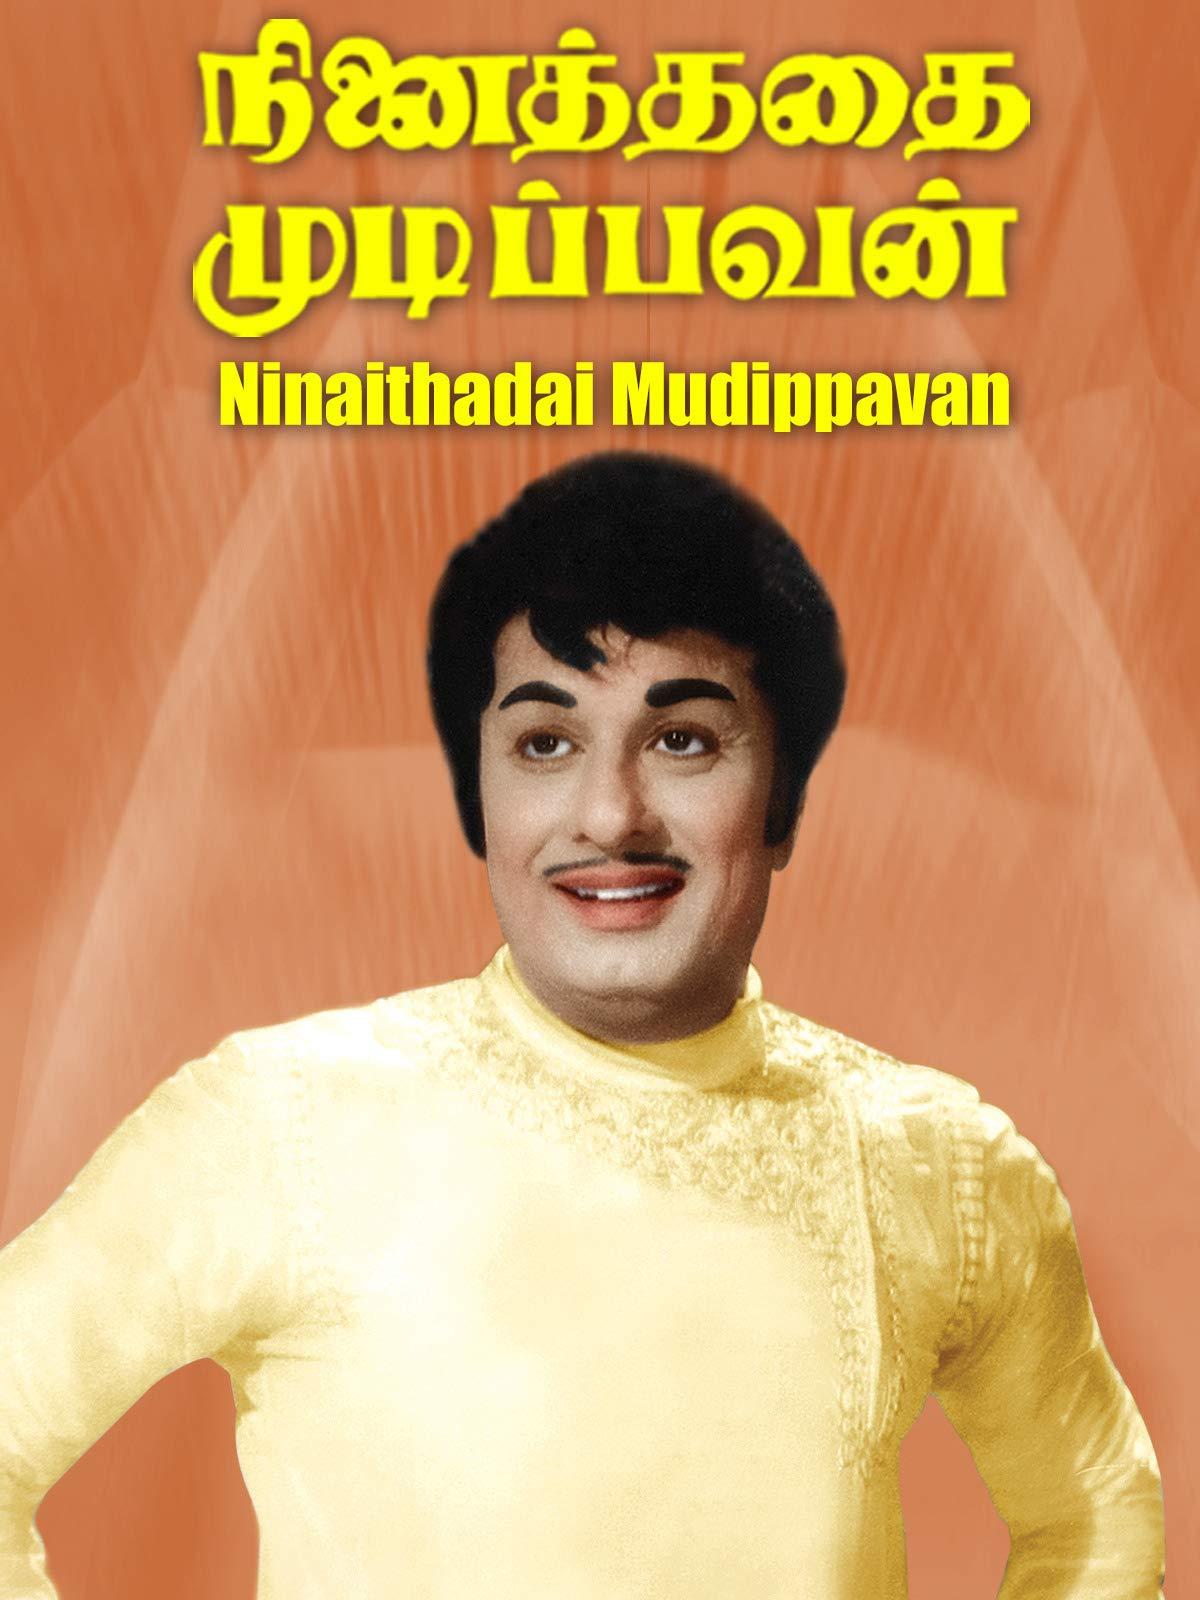 Ninaithadhai Mudippavan